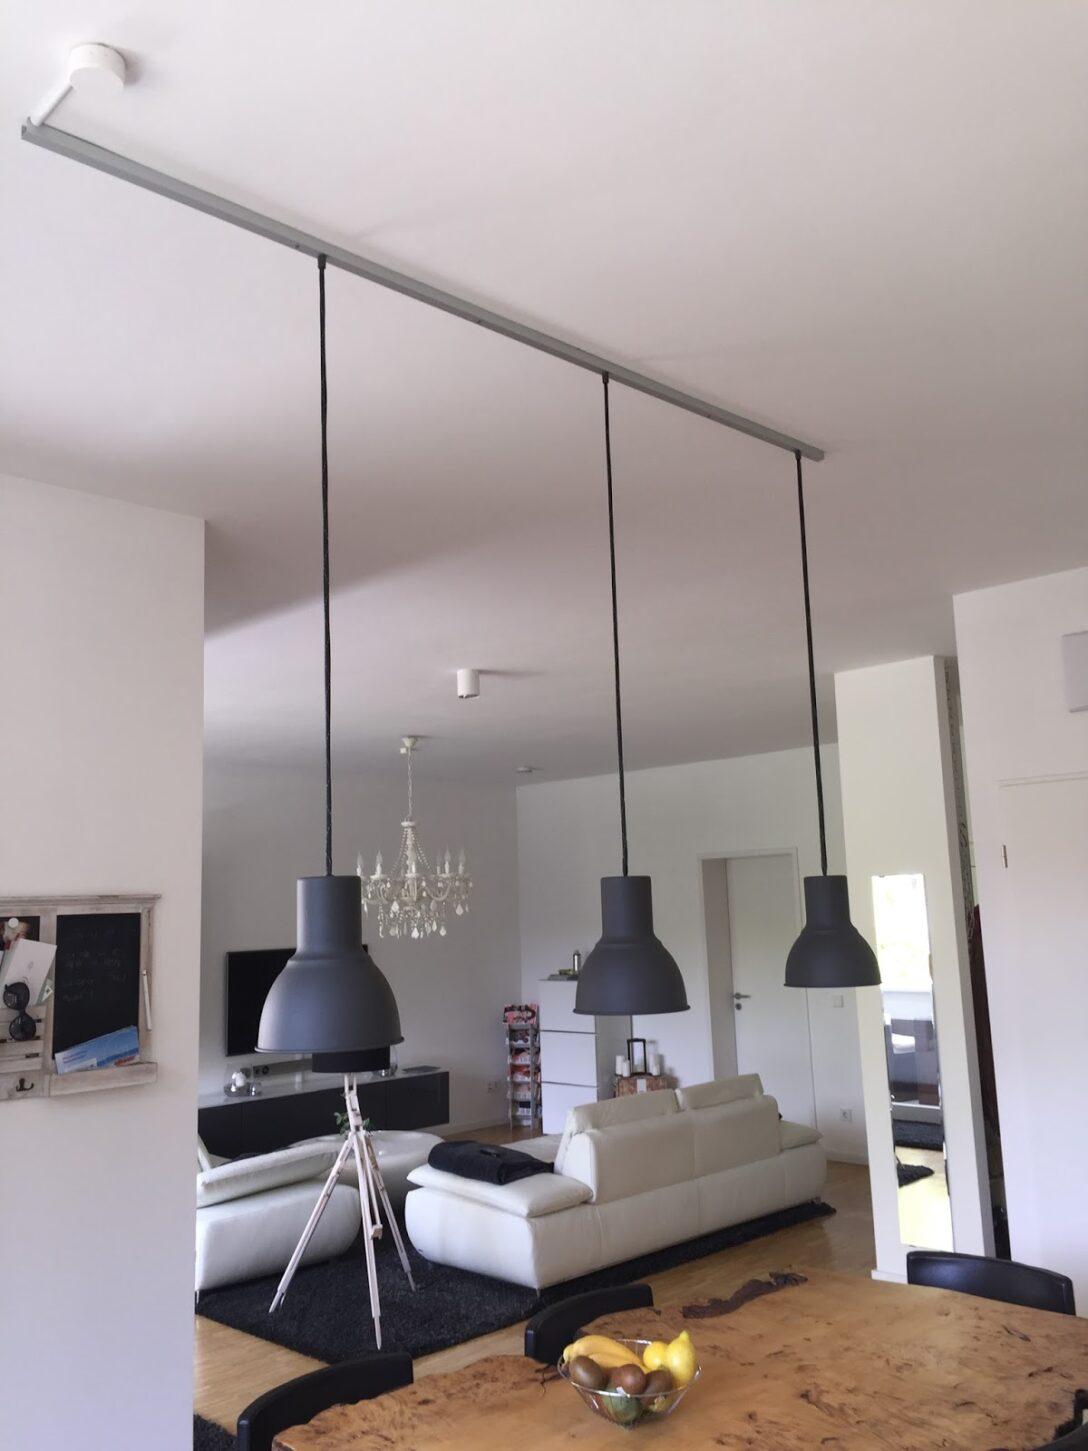 Large Size of Stehlampe Ikea Hektar Lampen Leuchten Gnstig Online Küche Kosten Sofa Mit Schlaffunktion Kaufen Modulküche Wohnzimmer Betten 160x200 Bei Stehlampen Wohnzimmer Stehlampe Ikea